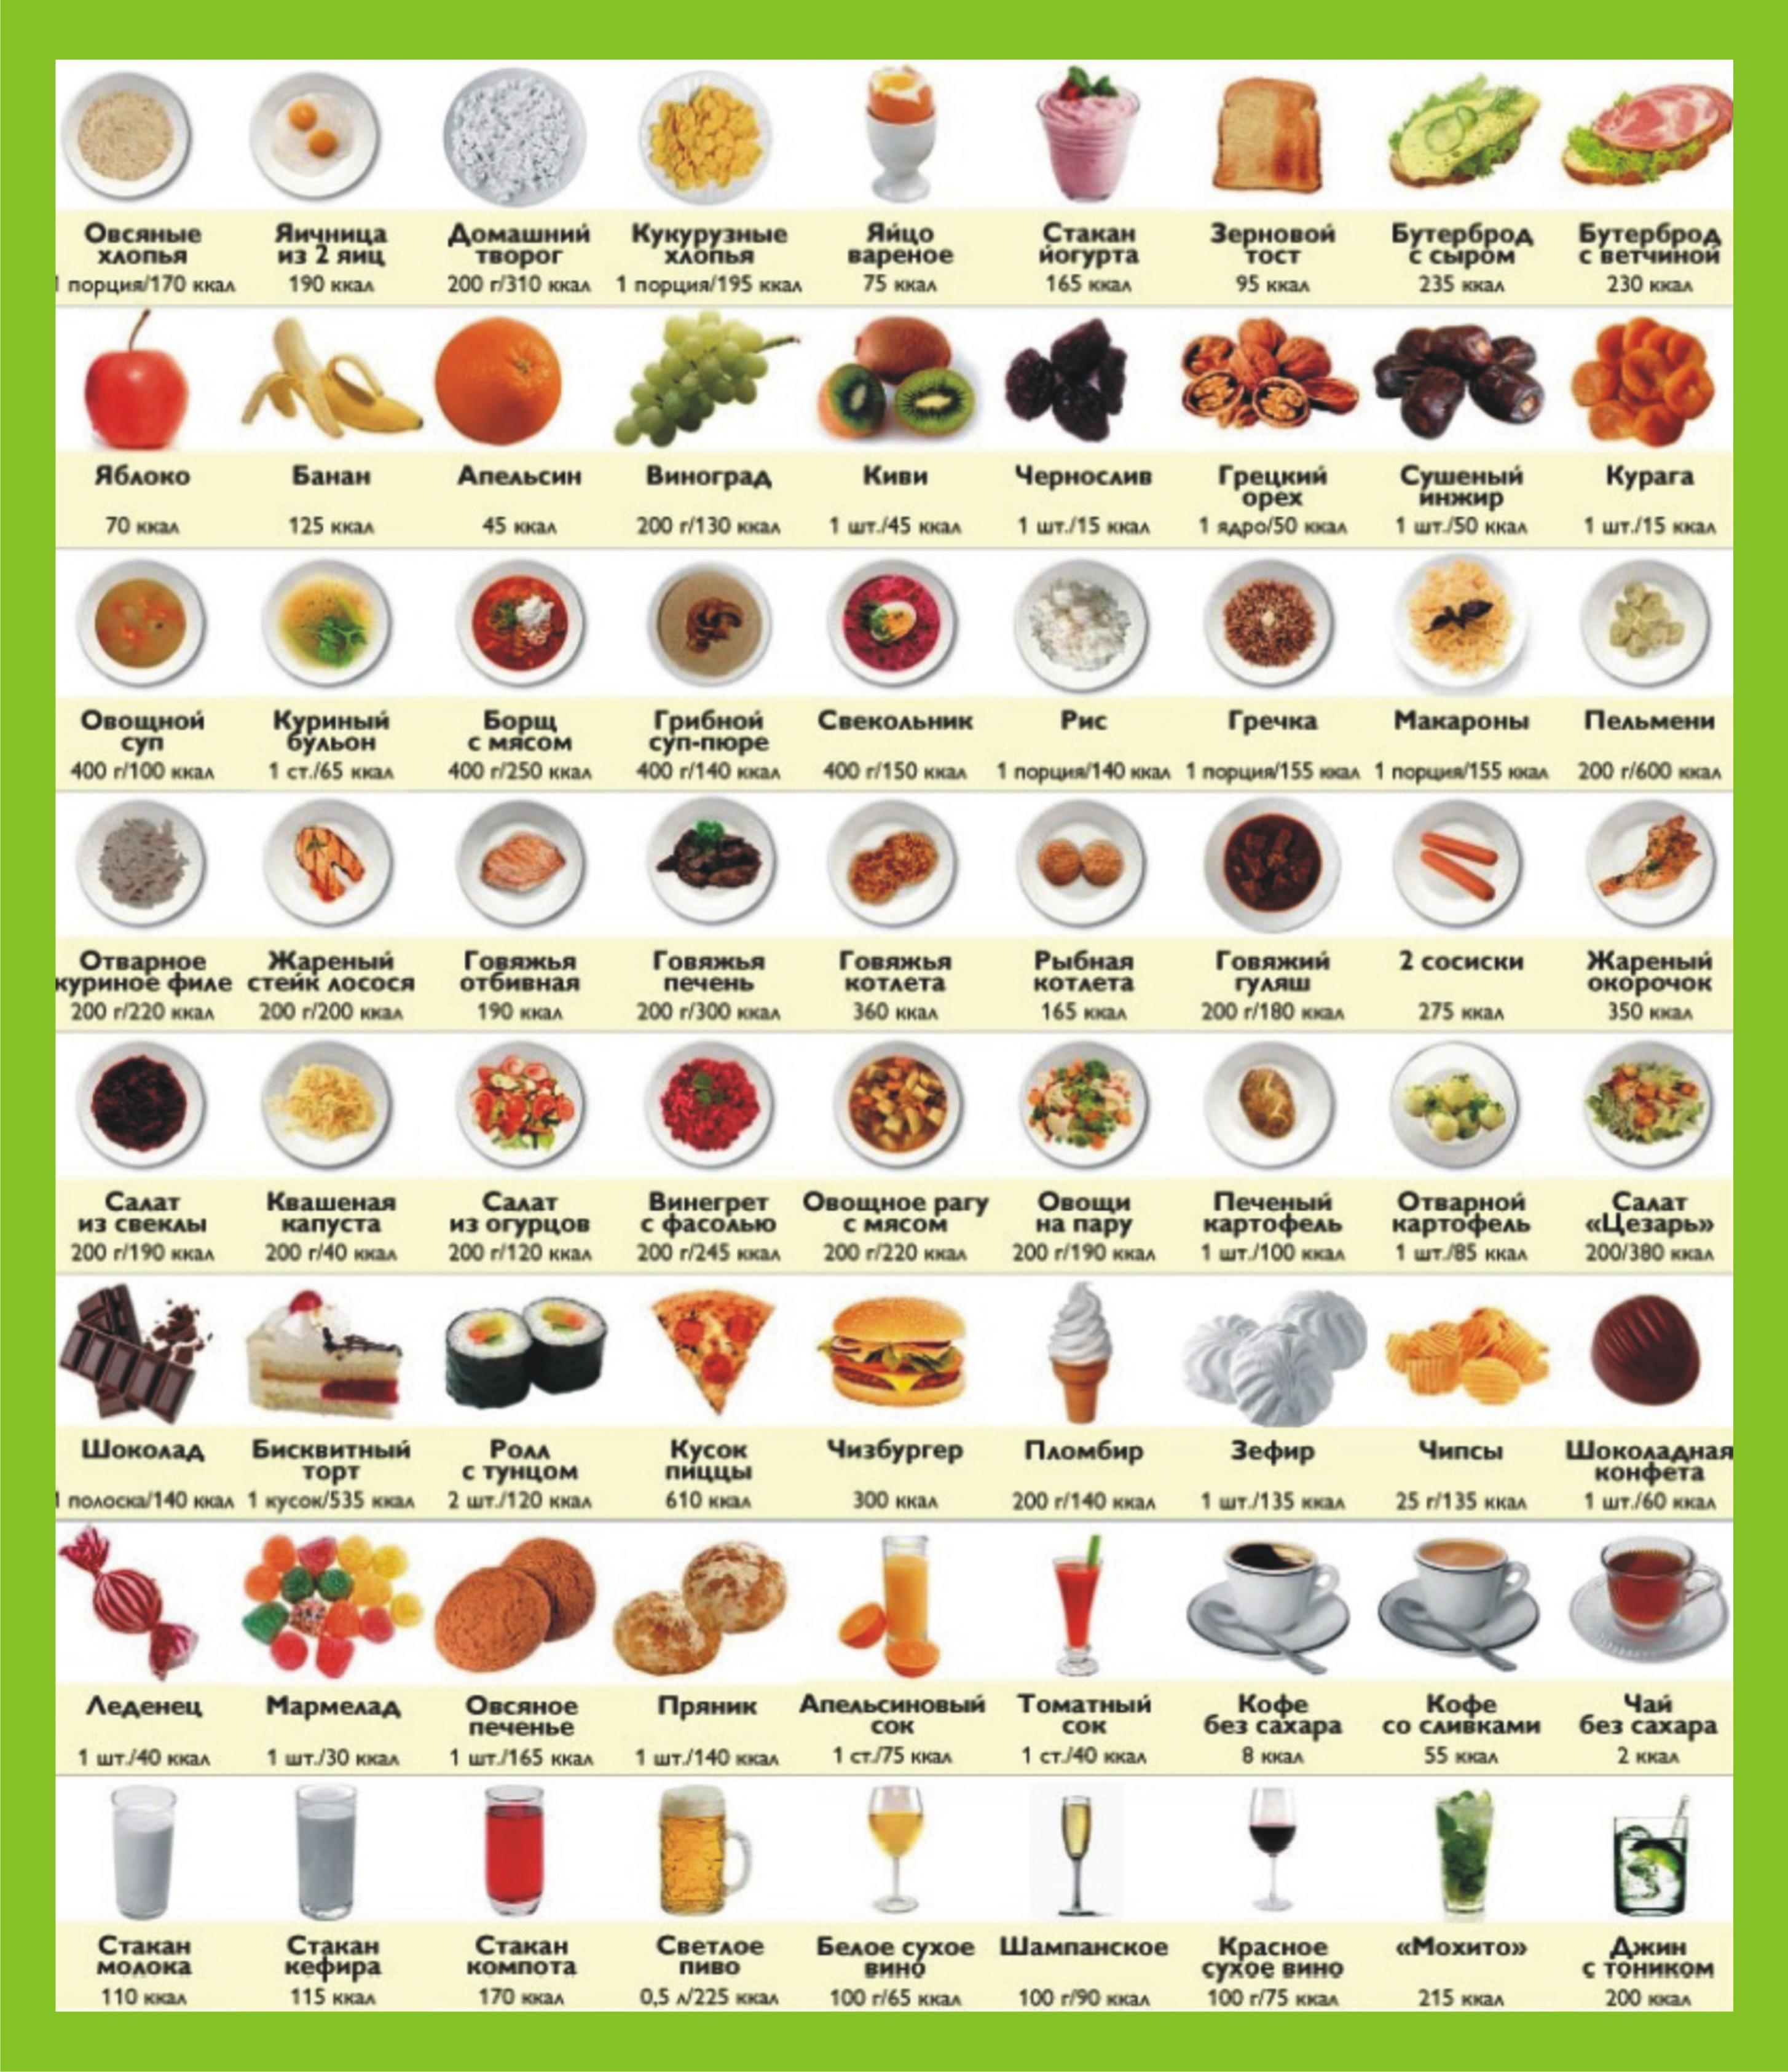 Сколько калорий должен употреблять худеющий человек в день